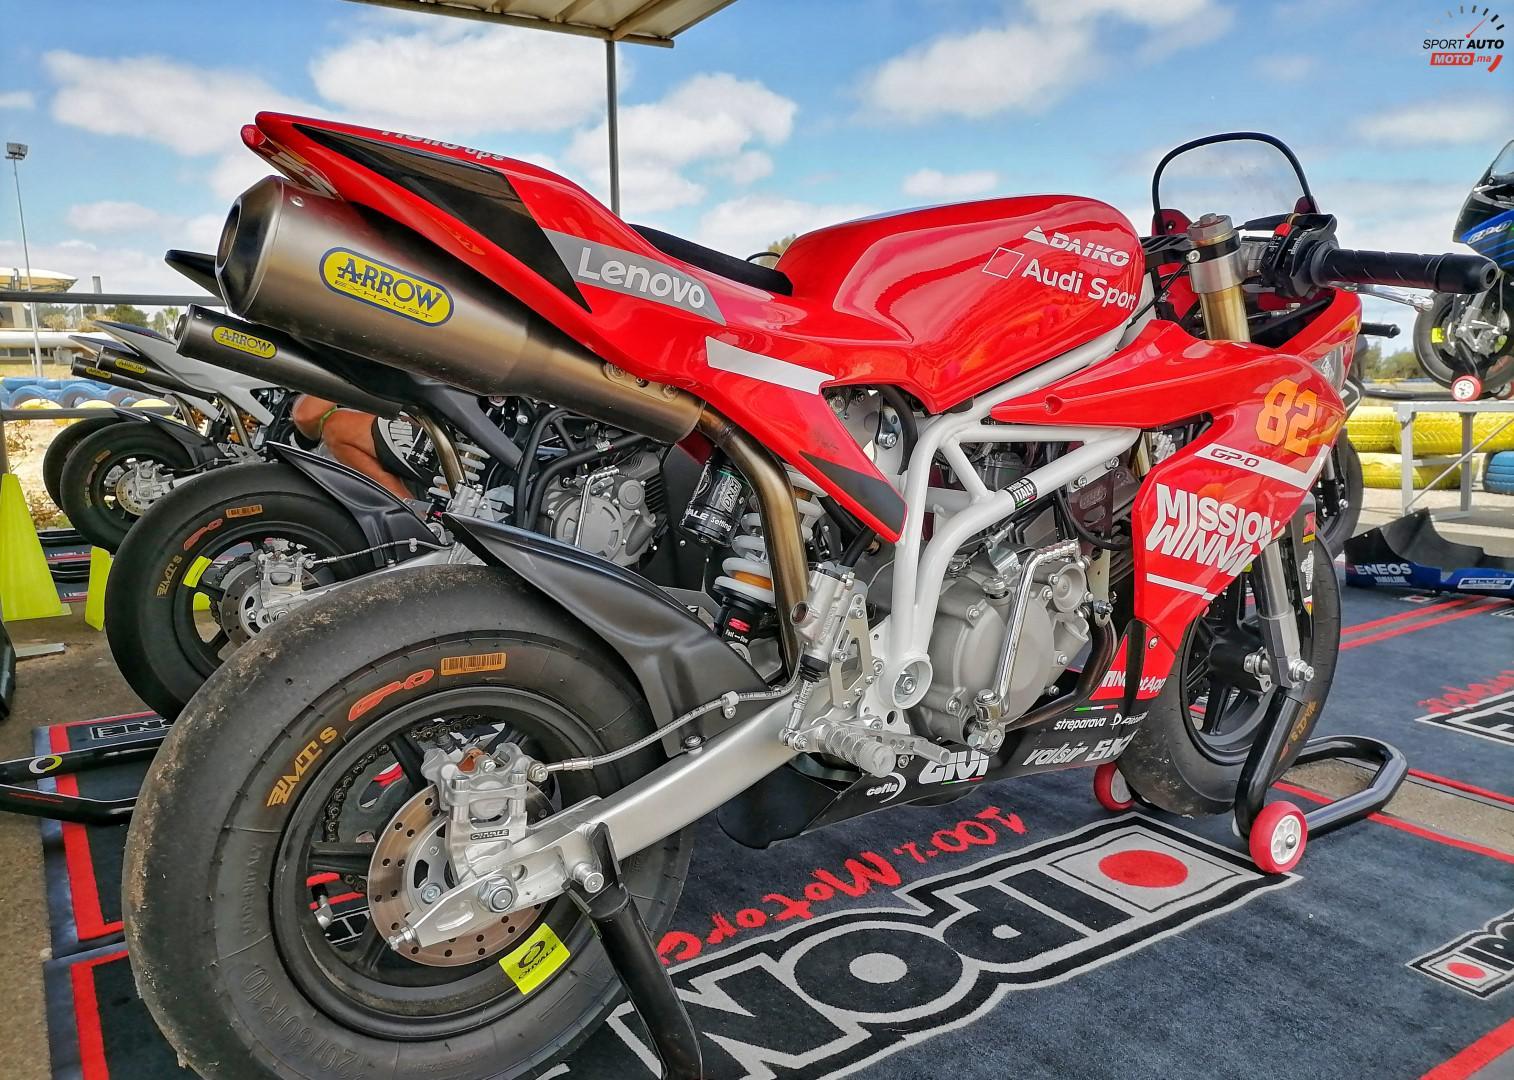 la-marque-de-moto-de-competition-ohvale-officiellement-au-maroc-1316-1.jpg